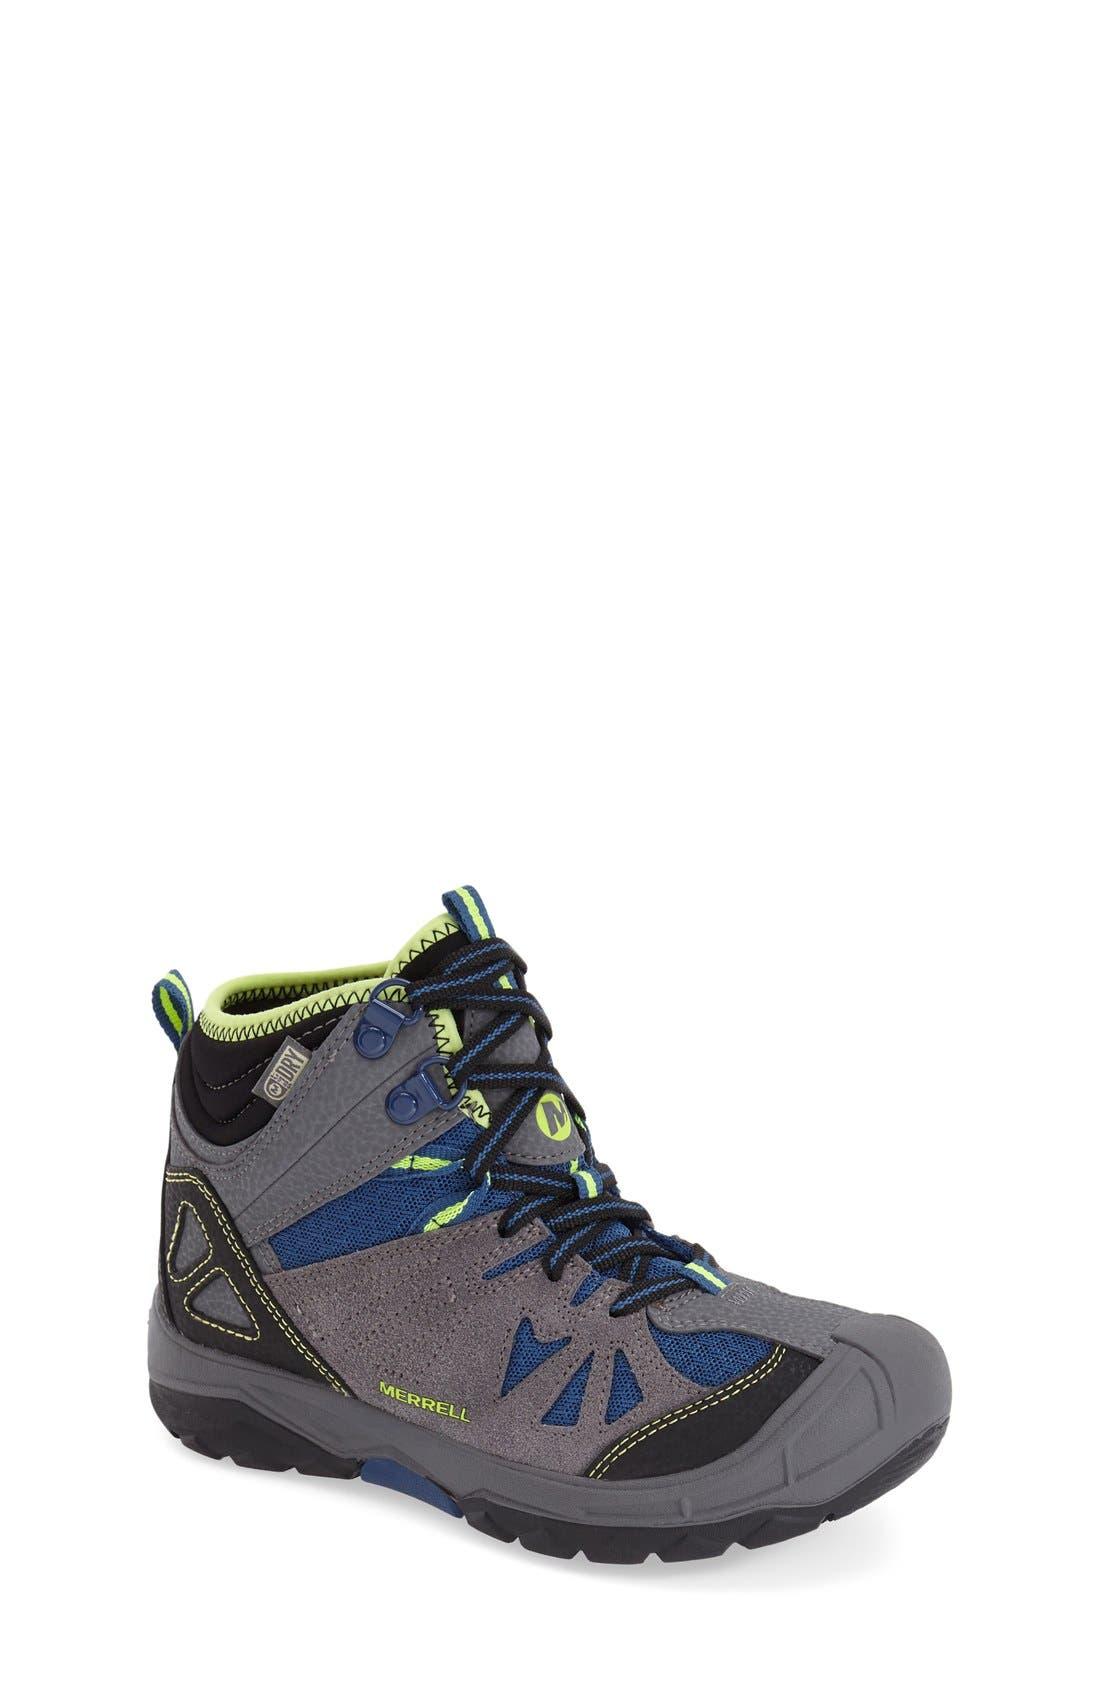 'Capra' Mid High Waterproof Boot, Main, color, 020